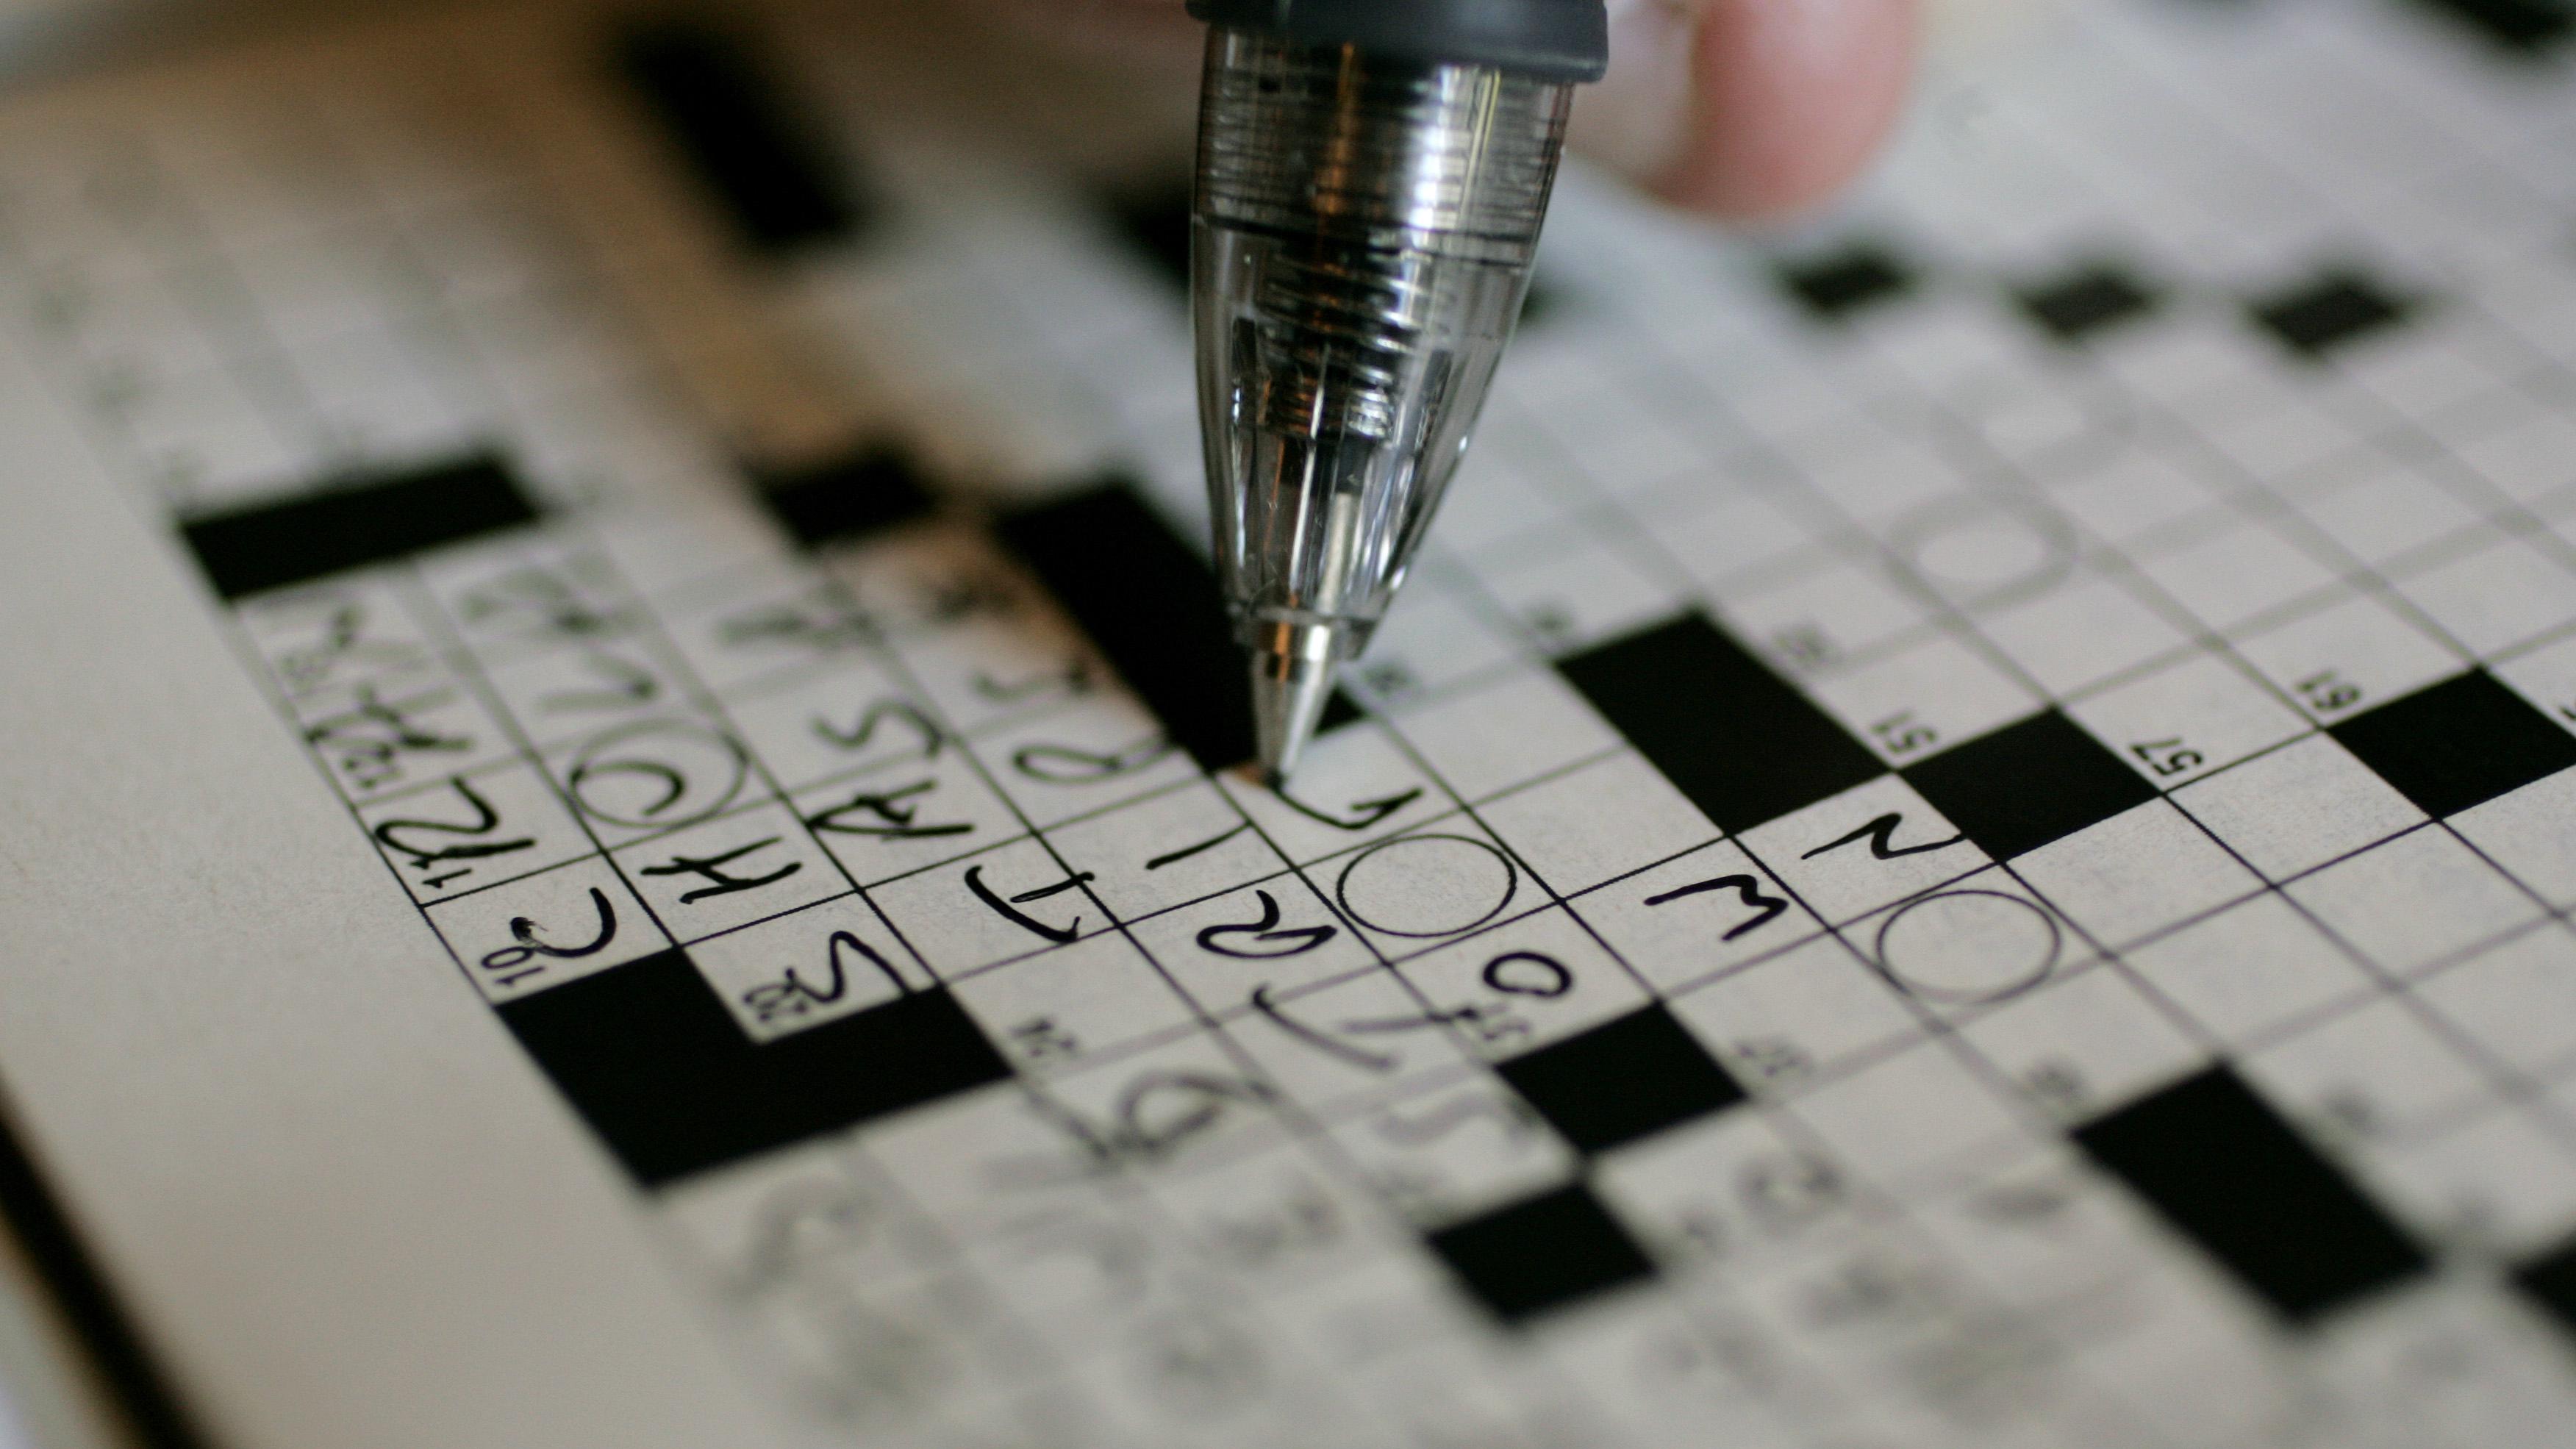 gp crossword clue